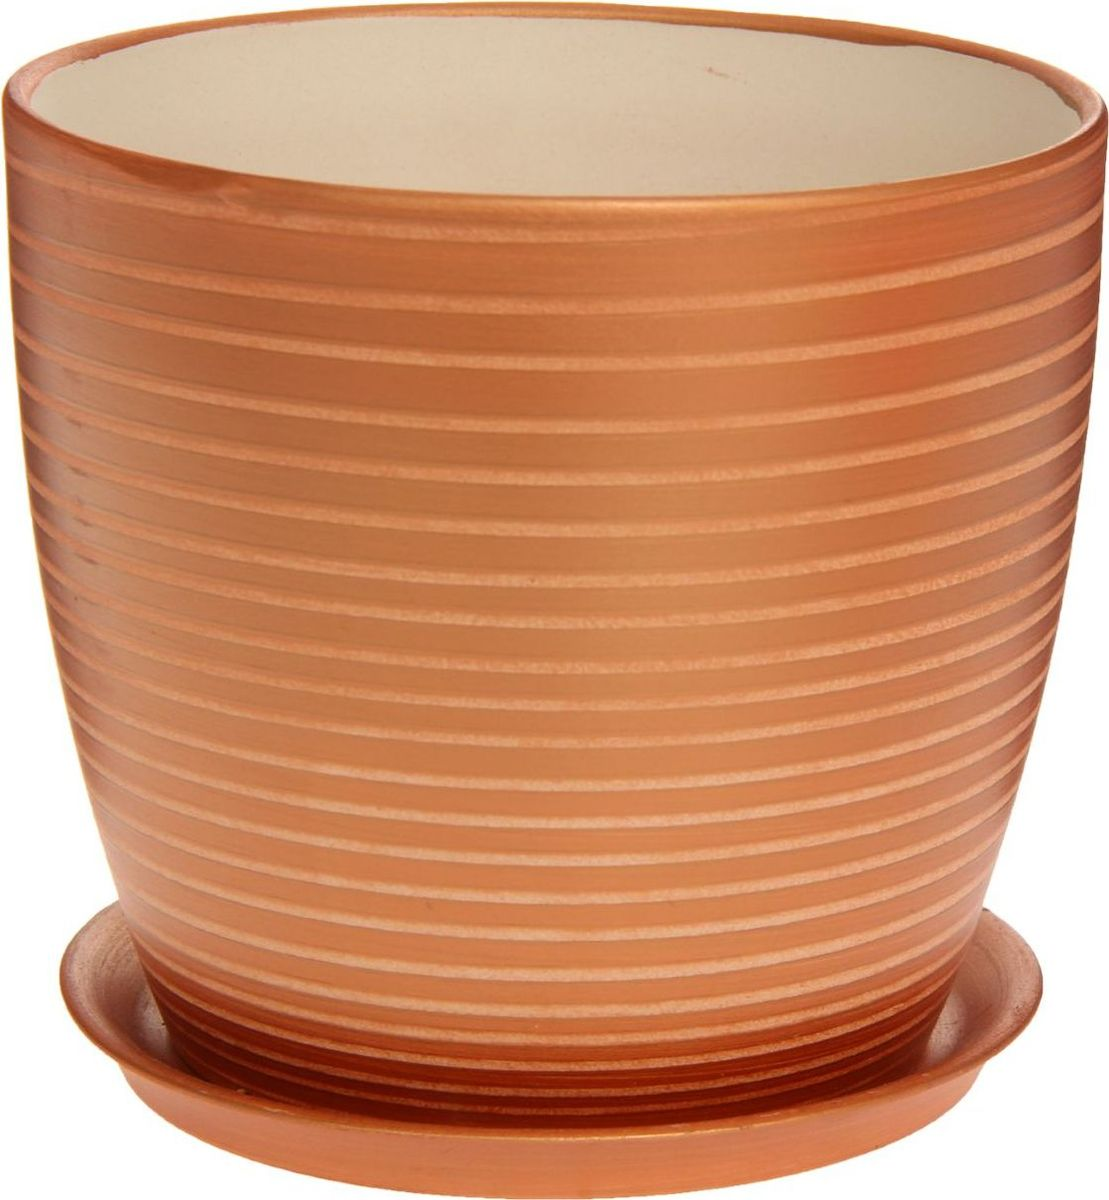 Кашпо Керамика ручной работы Осень. Радуга, цвет: бронзовый, 3 л1170365Комнатные растения — всеобщие любимцы. Они радуют глаз, насыщают помещение кислородом и украшают пространство. Каждому из них необходим свой удобный и красивый дом. Кашпо из керамики прекрасно подходят для высадки растений: за счёт пластичности глины и разных способов обработки существует великое множество форм и дизайновпористый материал позволяет испаряться лишней влагевоздух, необходимый для дыхания корней, проникает сквозь керамические стенки! #name# позаботится о зелёном питомце, освежит интерьер и подчеркнёт его стиль.